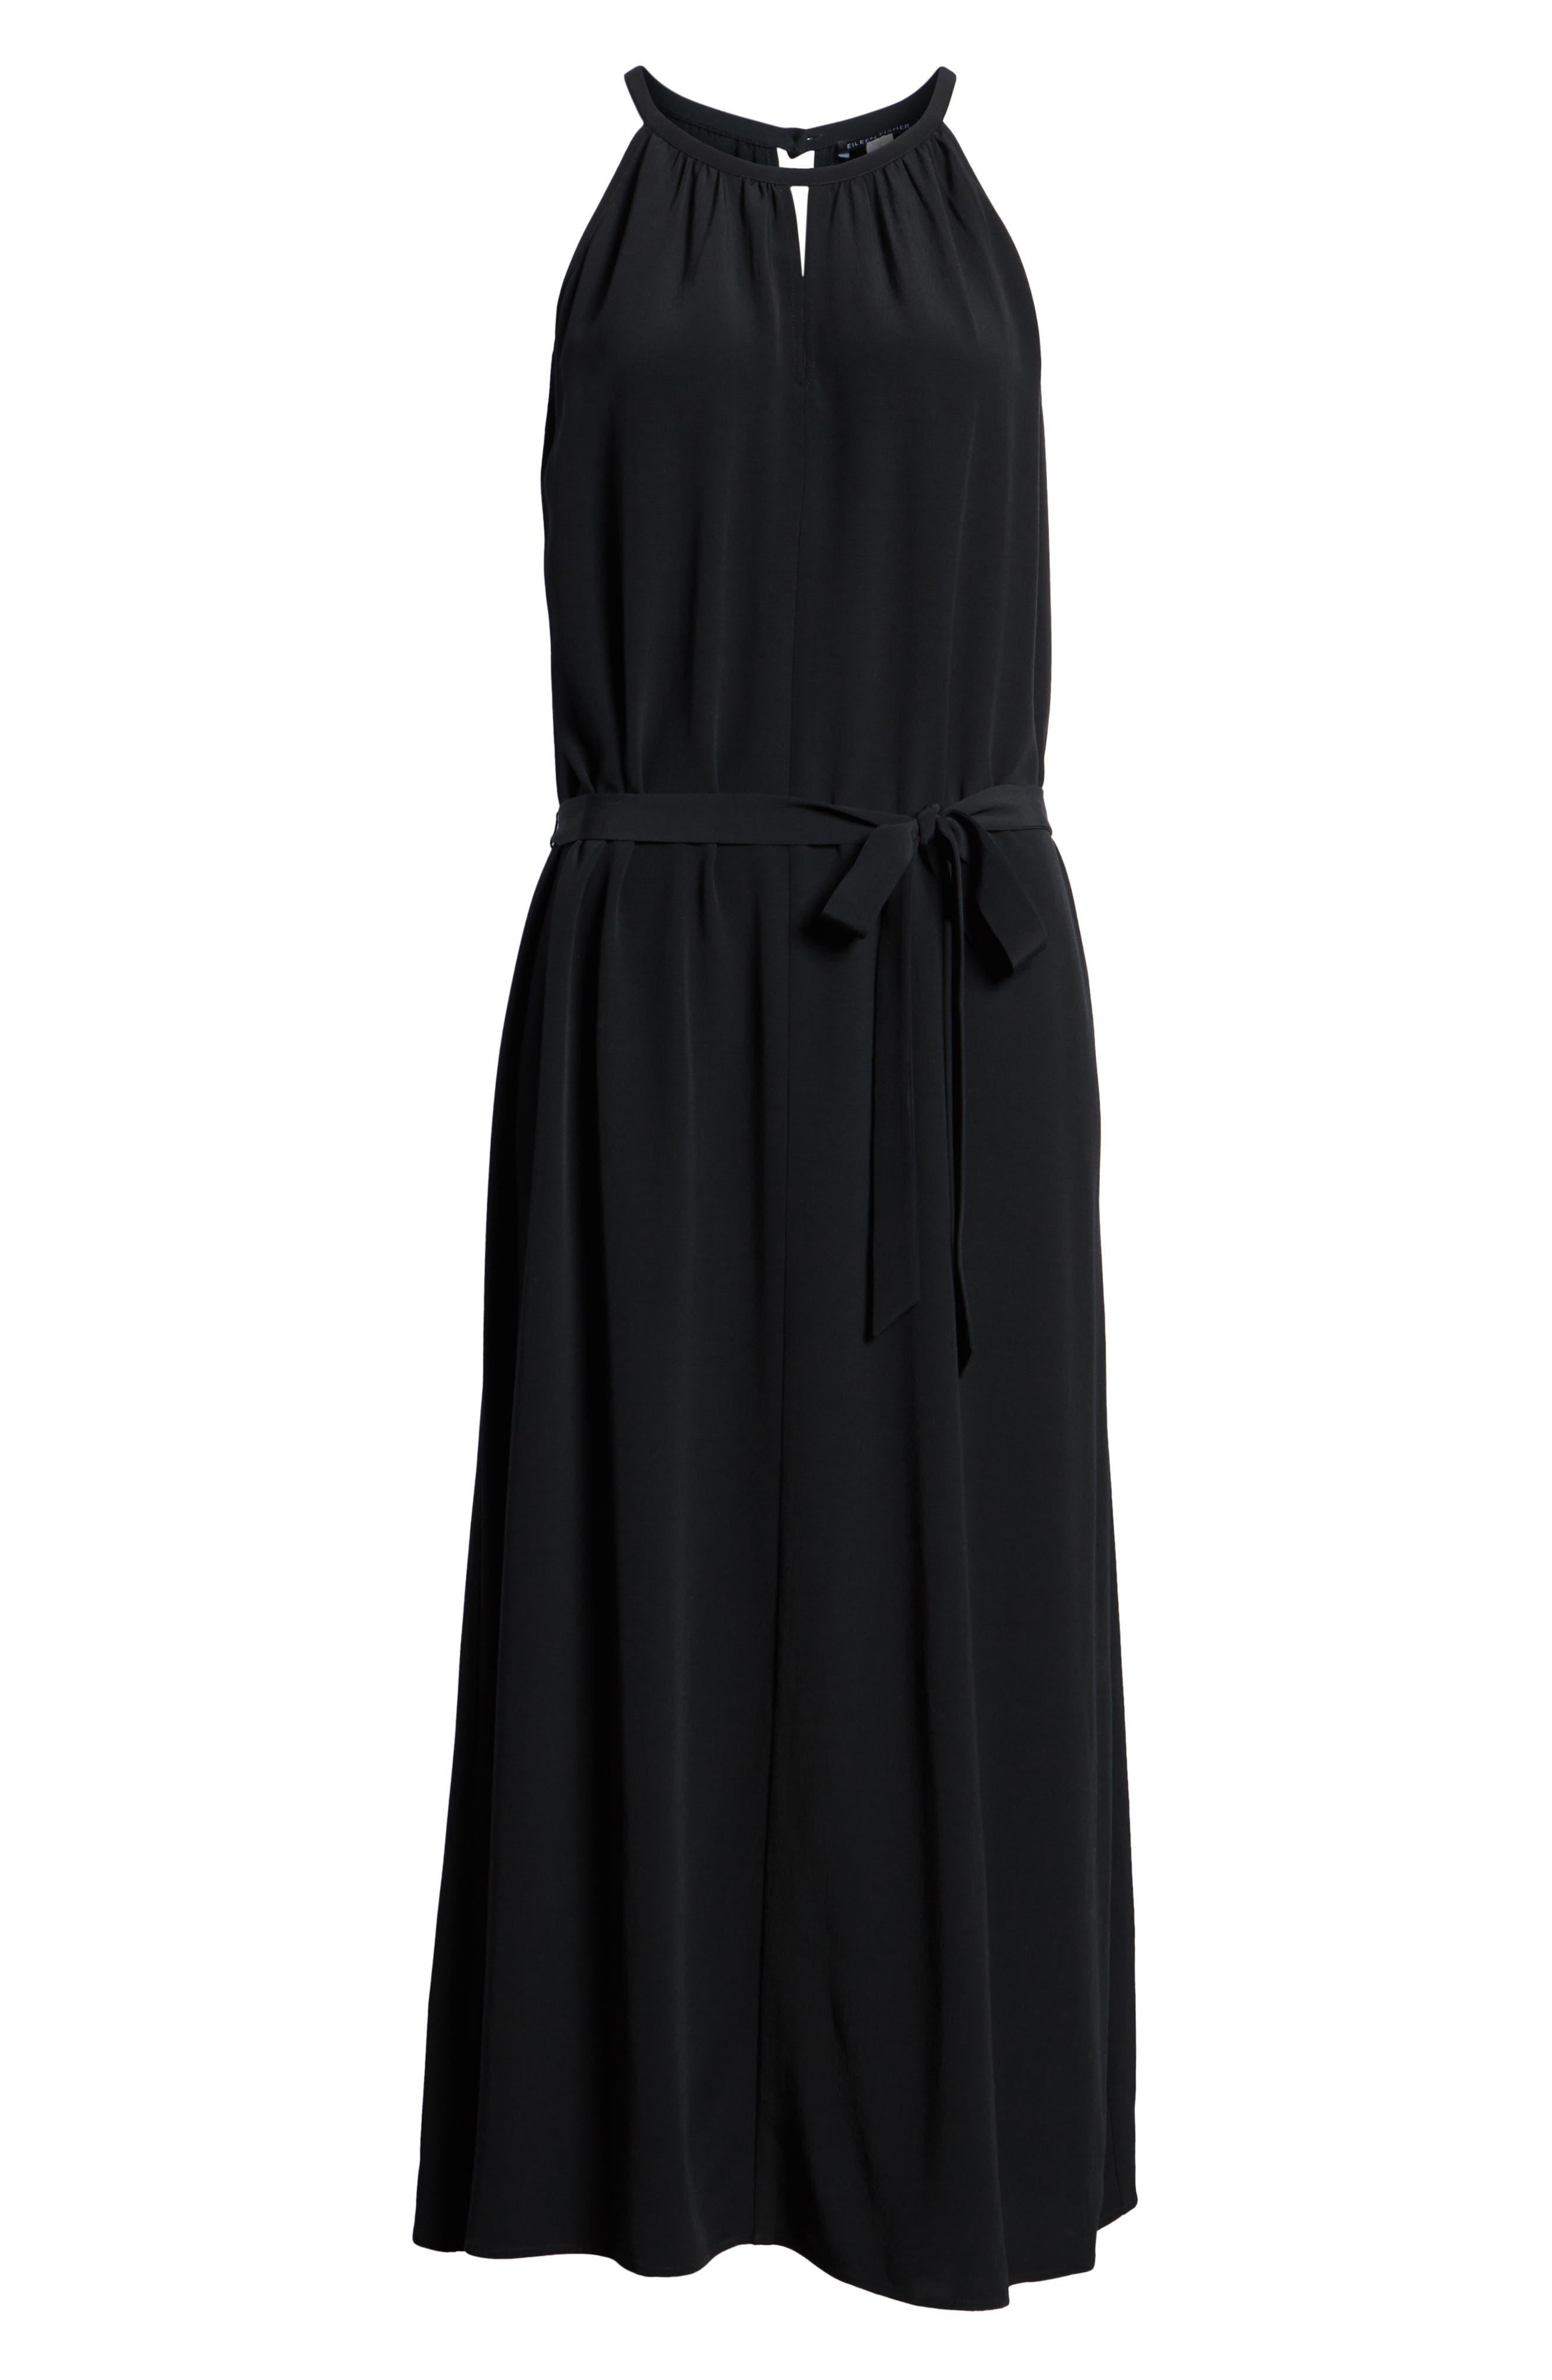 Tencel<sup>®</sup> Lyocell Blend Midi Dress,                             Alternate thumbnail 7, color,                             Black